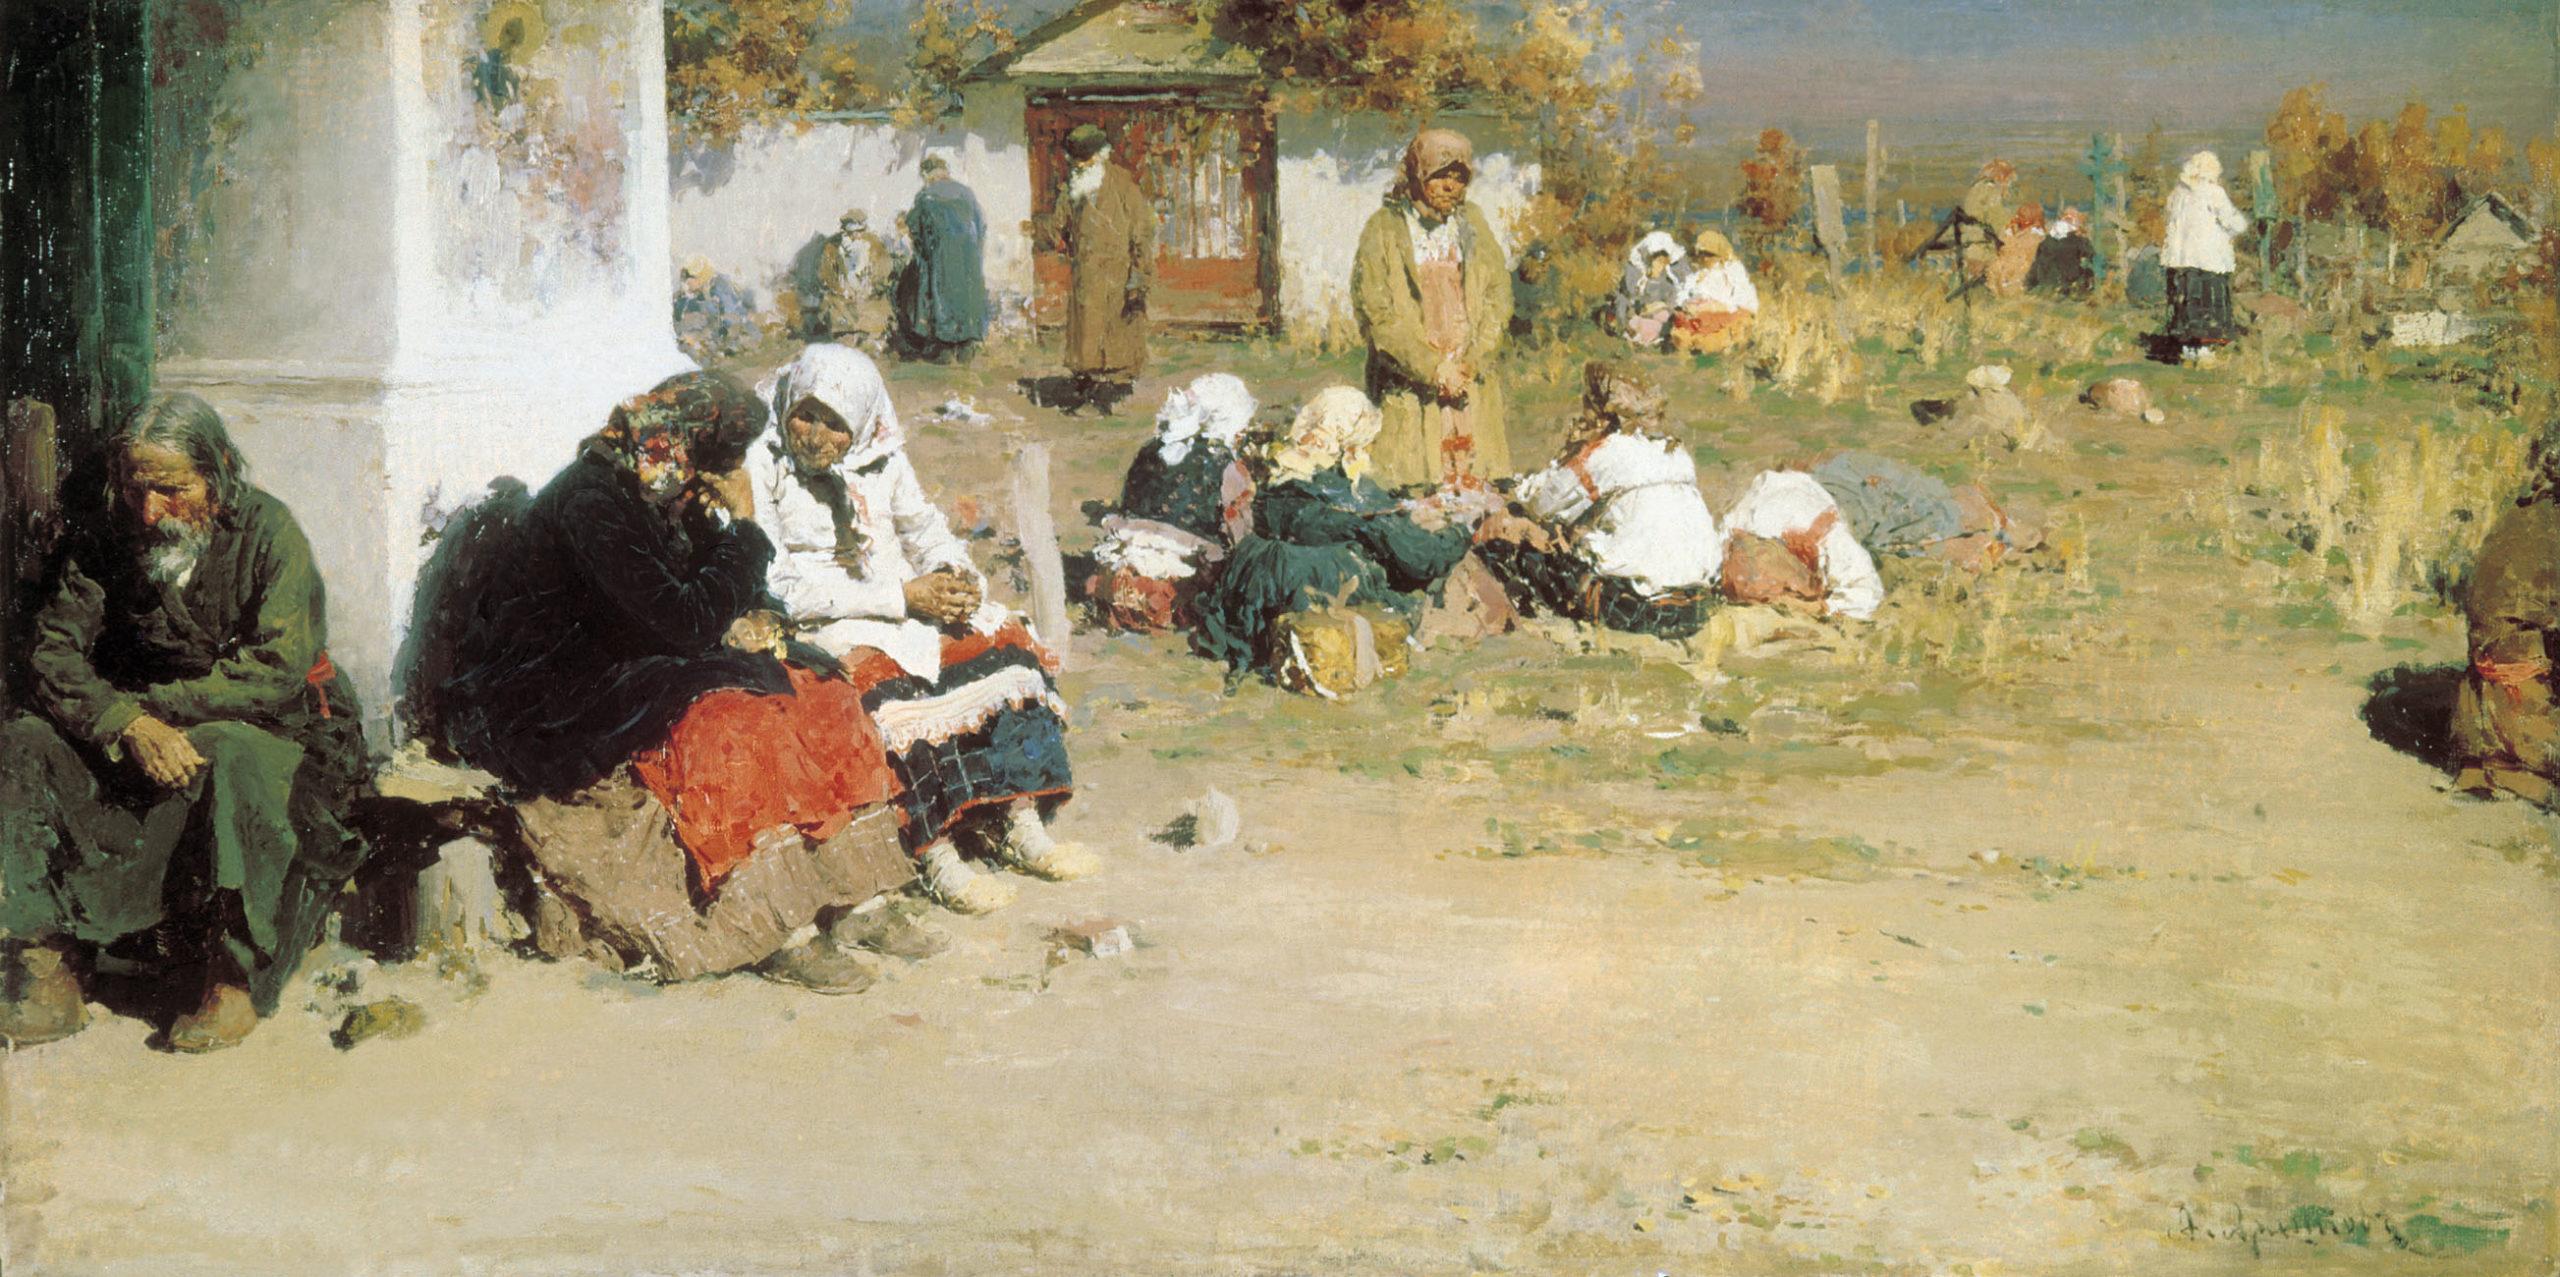 Abram Arhipov: Radonitsa ennen liturgiaa (1892).  KUVA: GOOGLE ART PROJECT